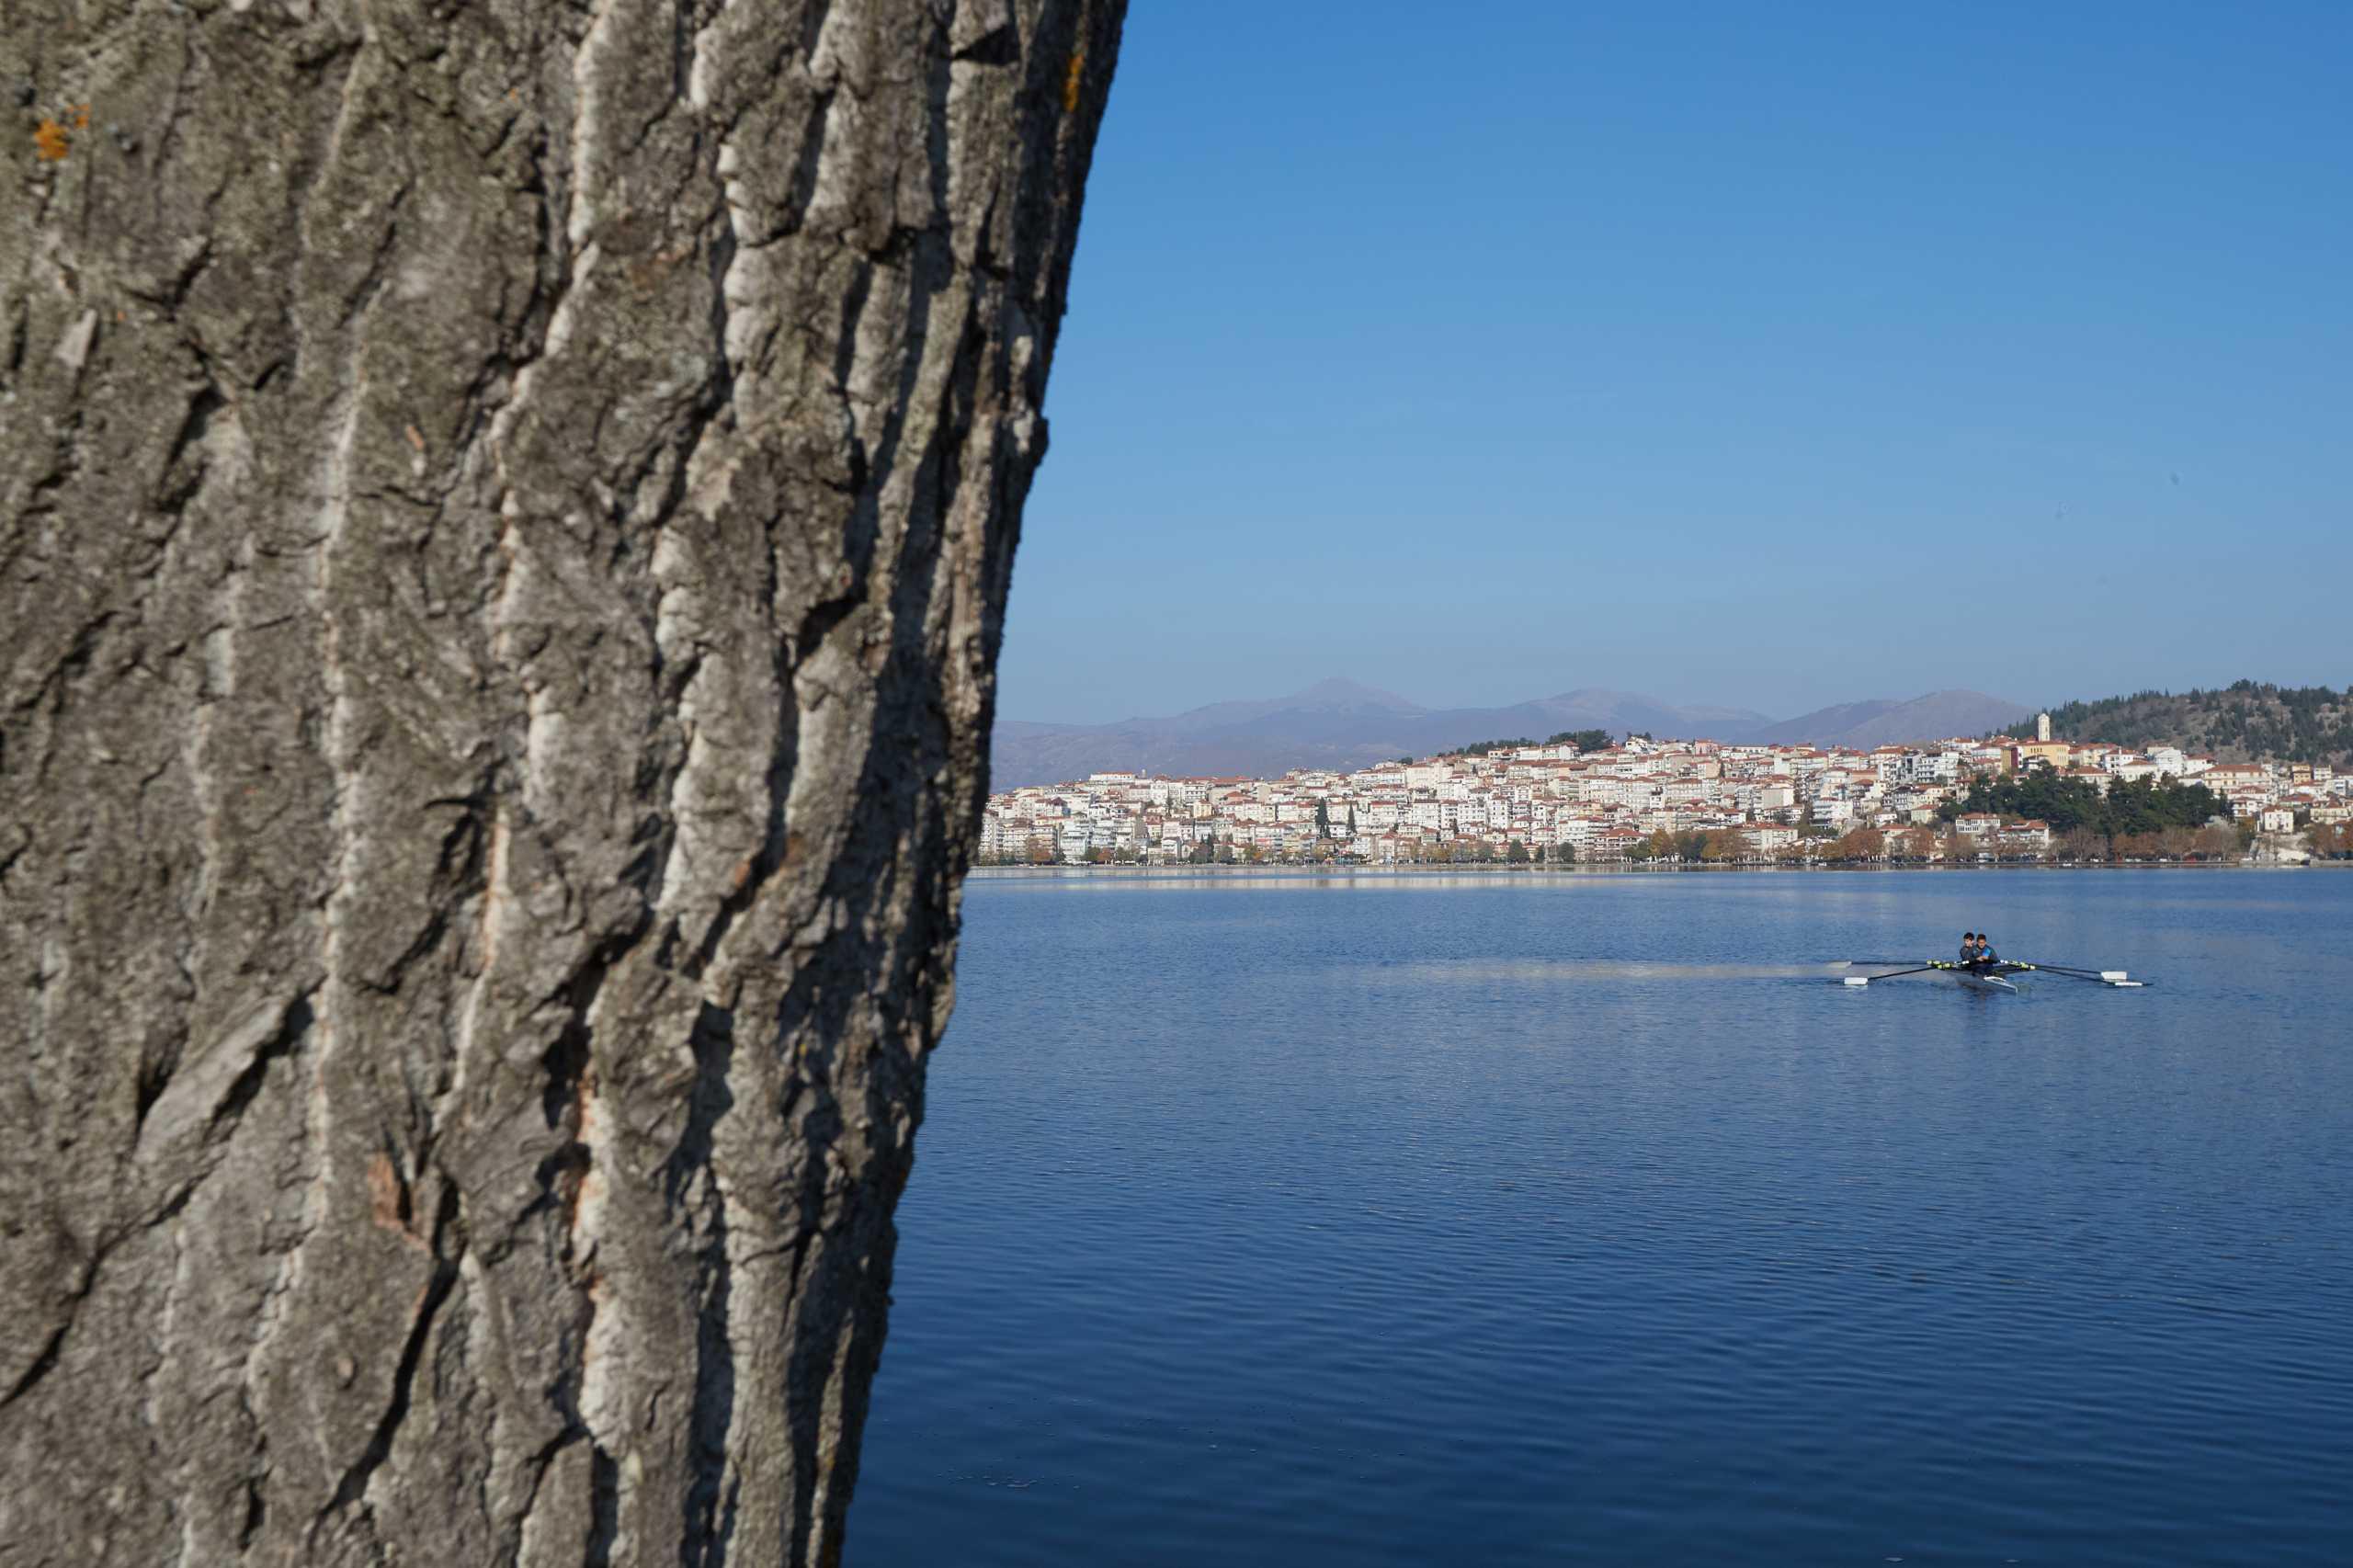 Κορονοϊός: Δράμα, Ξάνθη και Καστοριά στο κόκκινο – Έρχεται μίνι lockdown